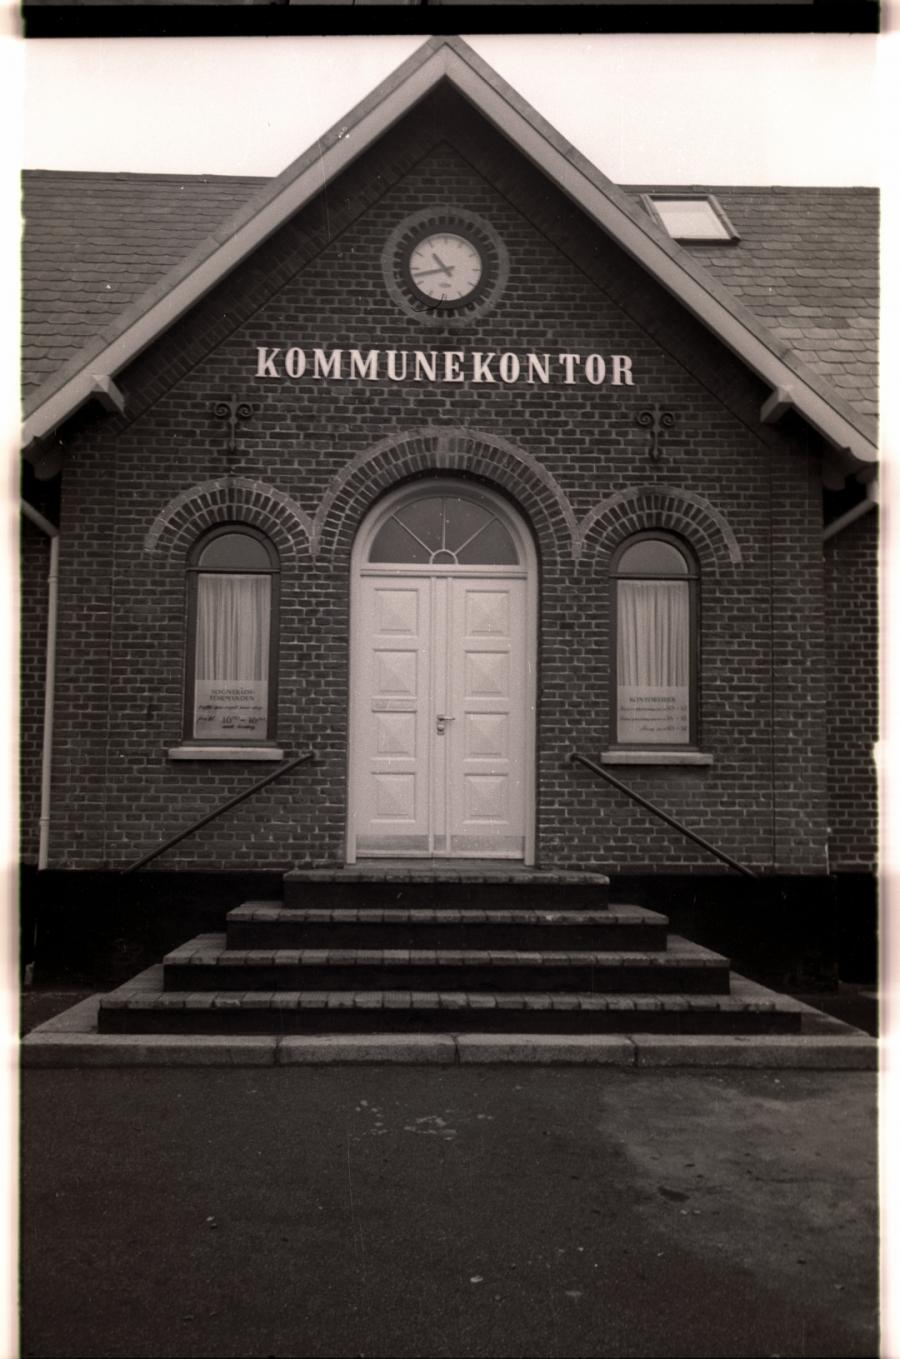 Foto N6022307 – Lille Bjellerup: gård, direktørbolig for teglværk, kommunekontor og nu bibliotek. Ejendommen på Udbyhøjvej har rummet mange ting gennem tiden. Foto: Randers Stadsarkiv